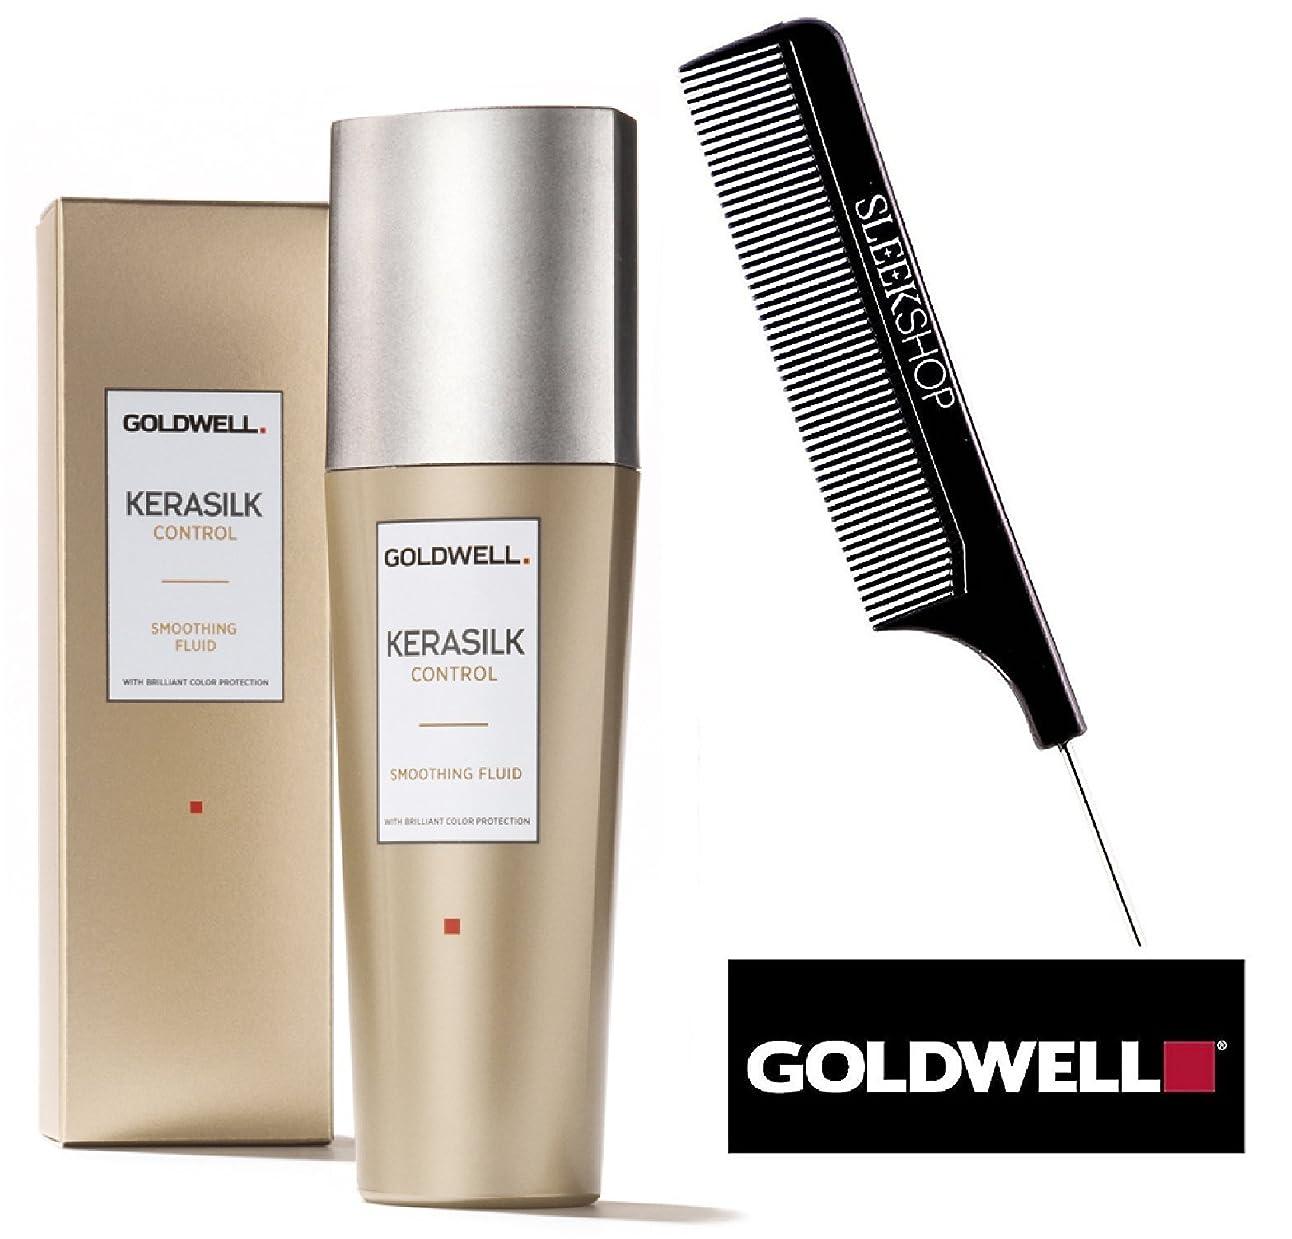 否定する社説乗ってGoldwell (なめらかなスチールピンテールくし付き)鮮やかな色保護をKerasilk CONTROLスムージングフルイド 2.5オンス/ 75ミリリットル